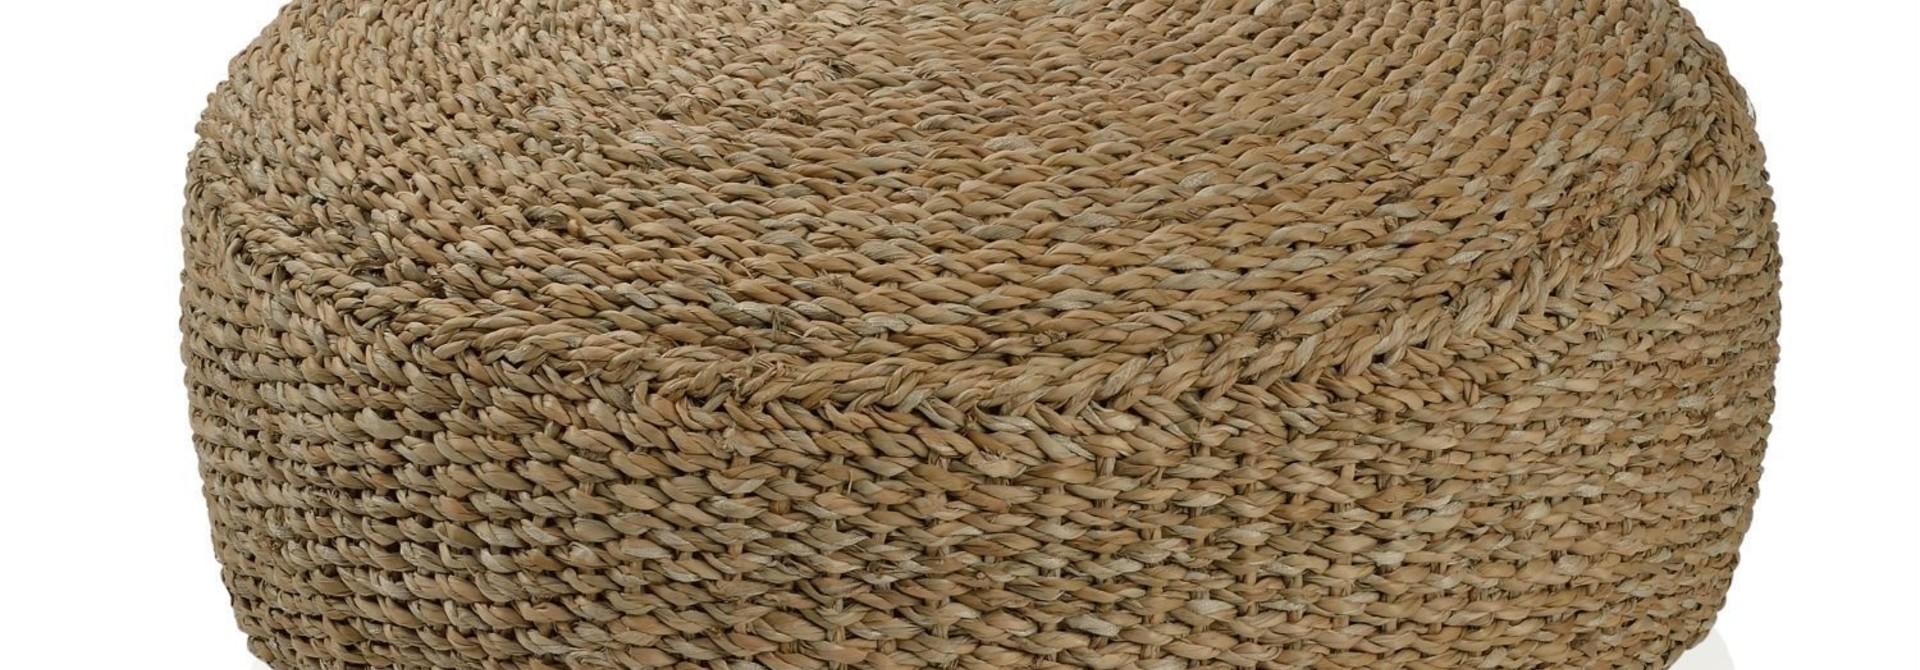 Rond zitkussen - Seagrass D 60 x 20 cm (ENKEL AFHAAL)